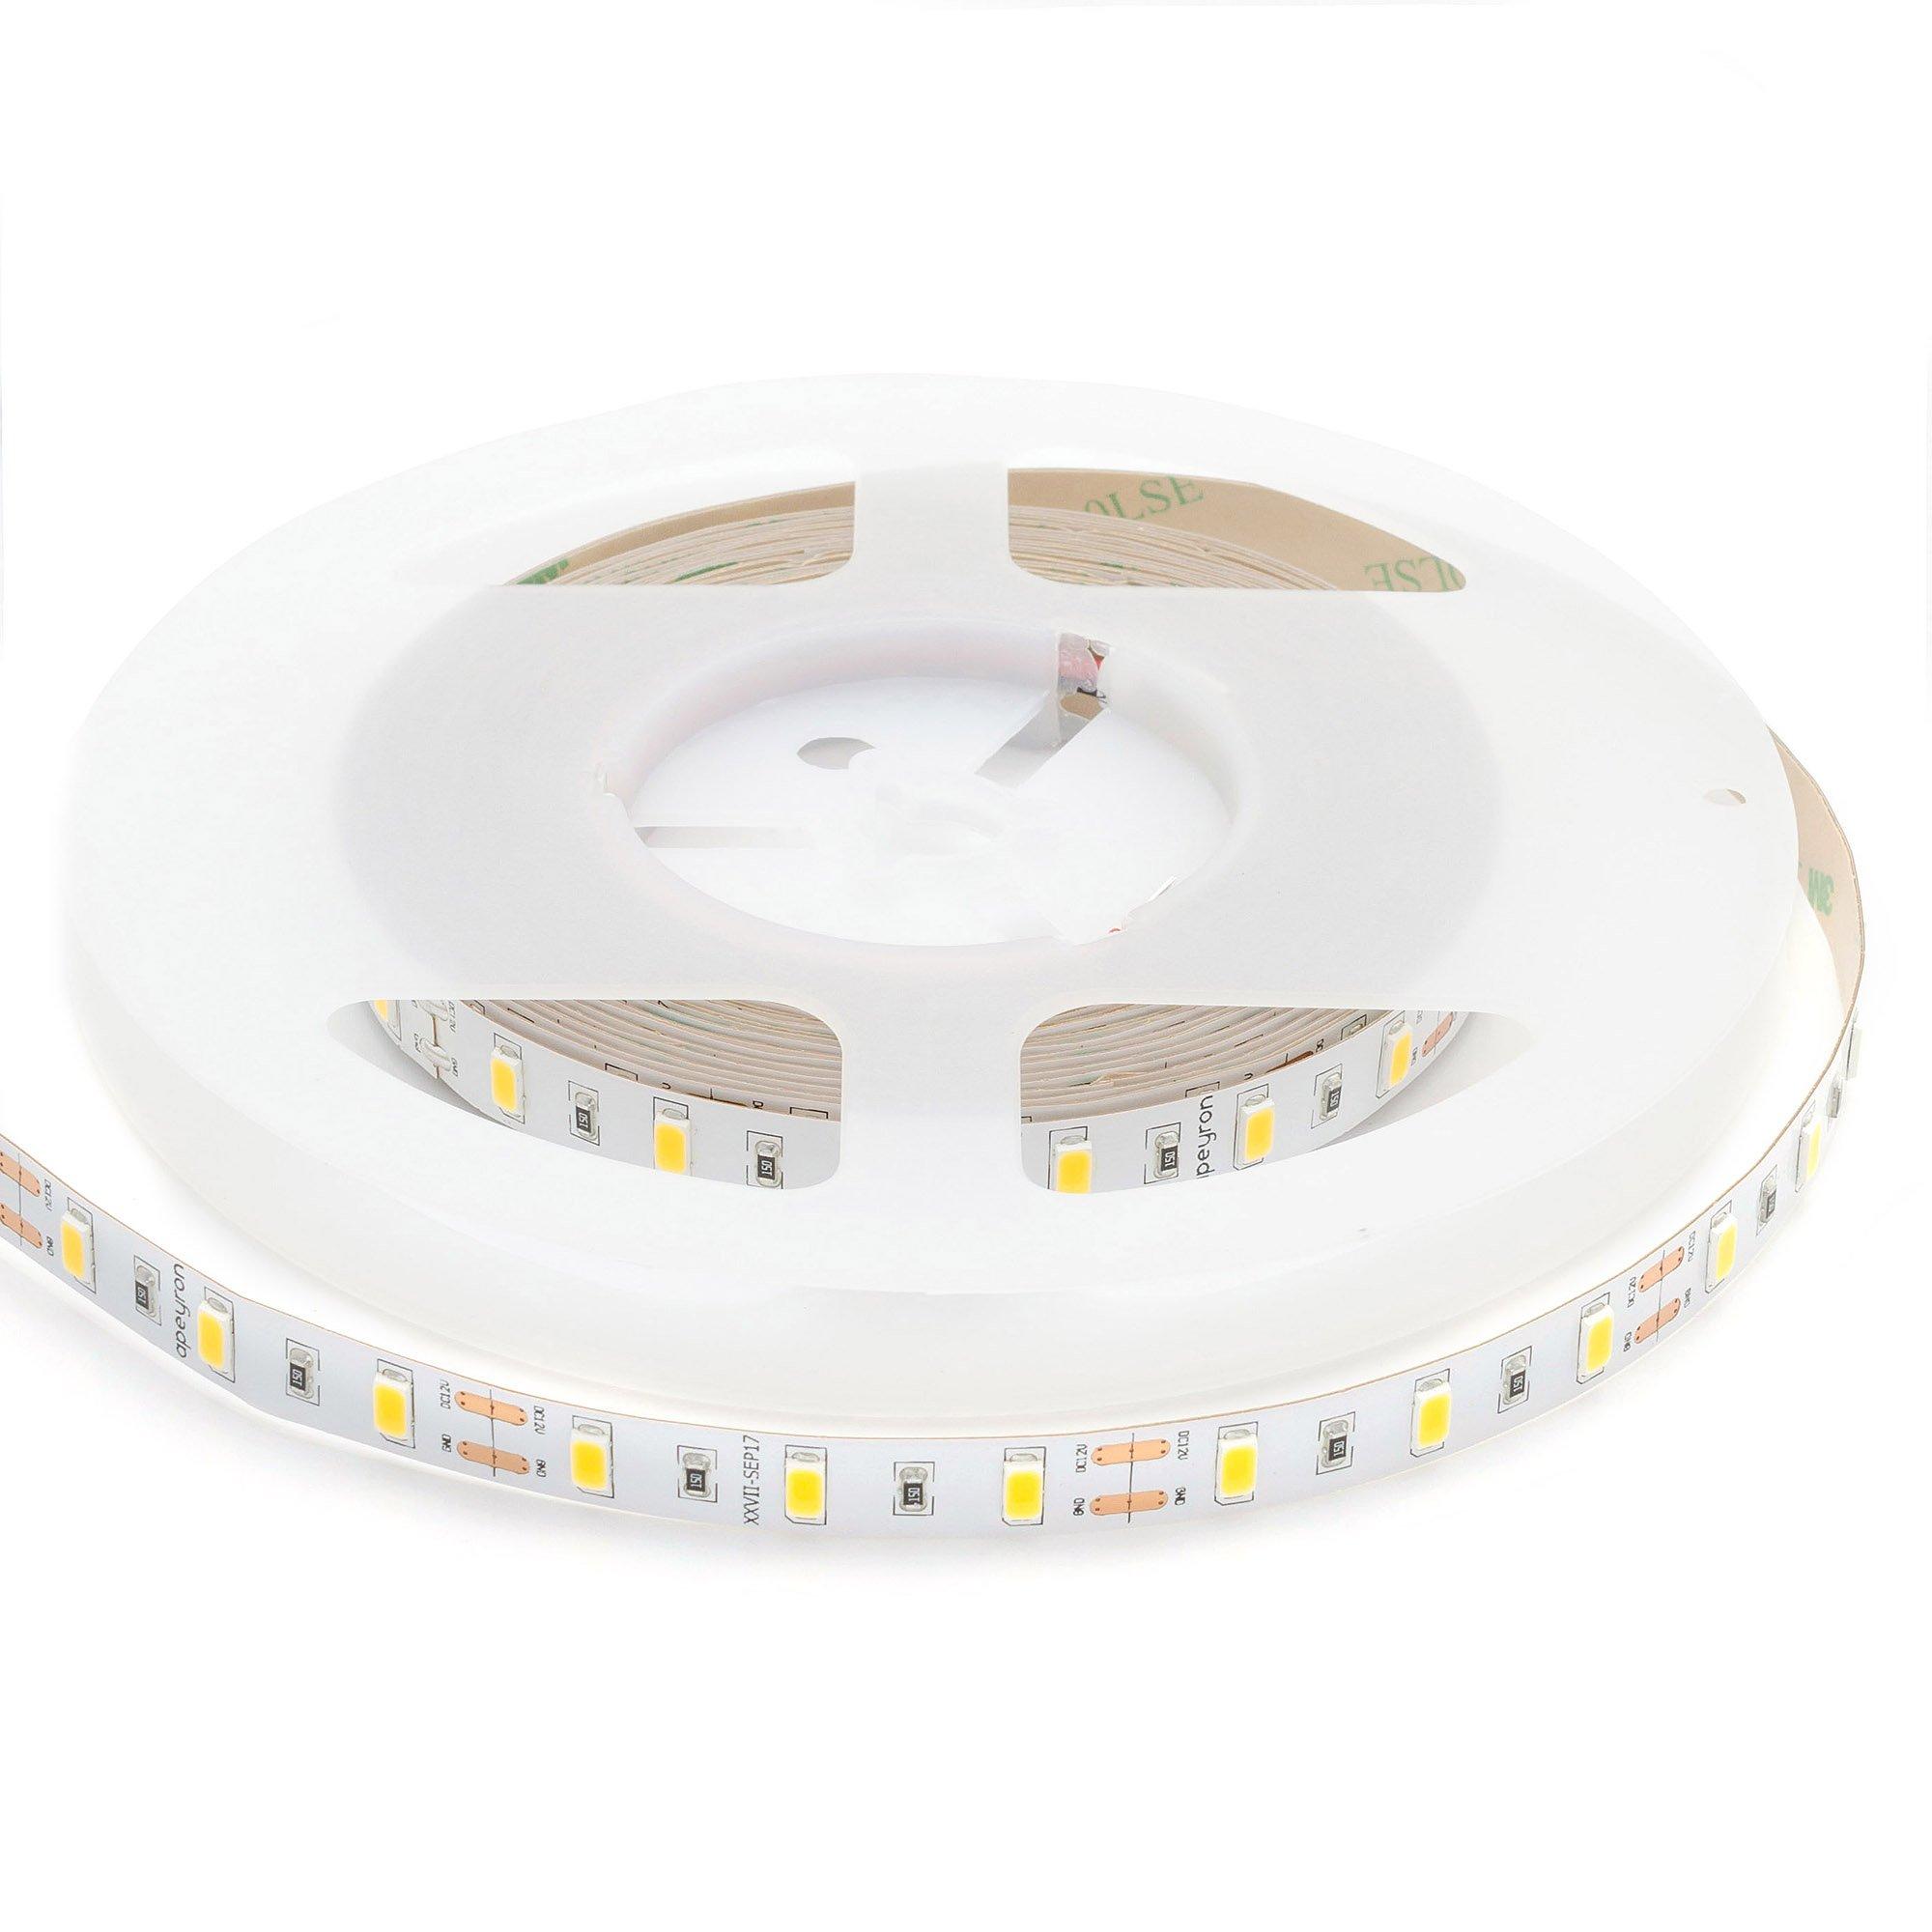 Светодиодная лента APEYRON electrics 00-122 12В, 11Вт/м, smd5630, 60д/м, IP20, 1400Лм/м, 5м, теплый белый электрическая гирлянда светодиодная apeyron бумажная 10ламп теплый белый 1 5м